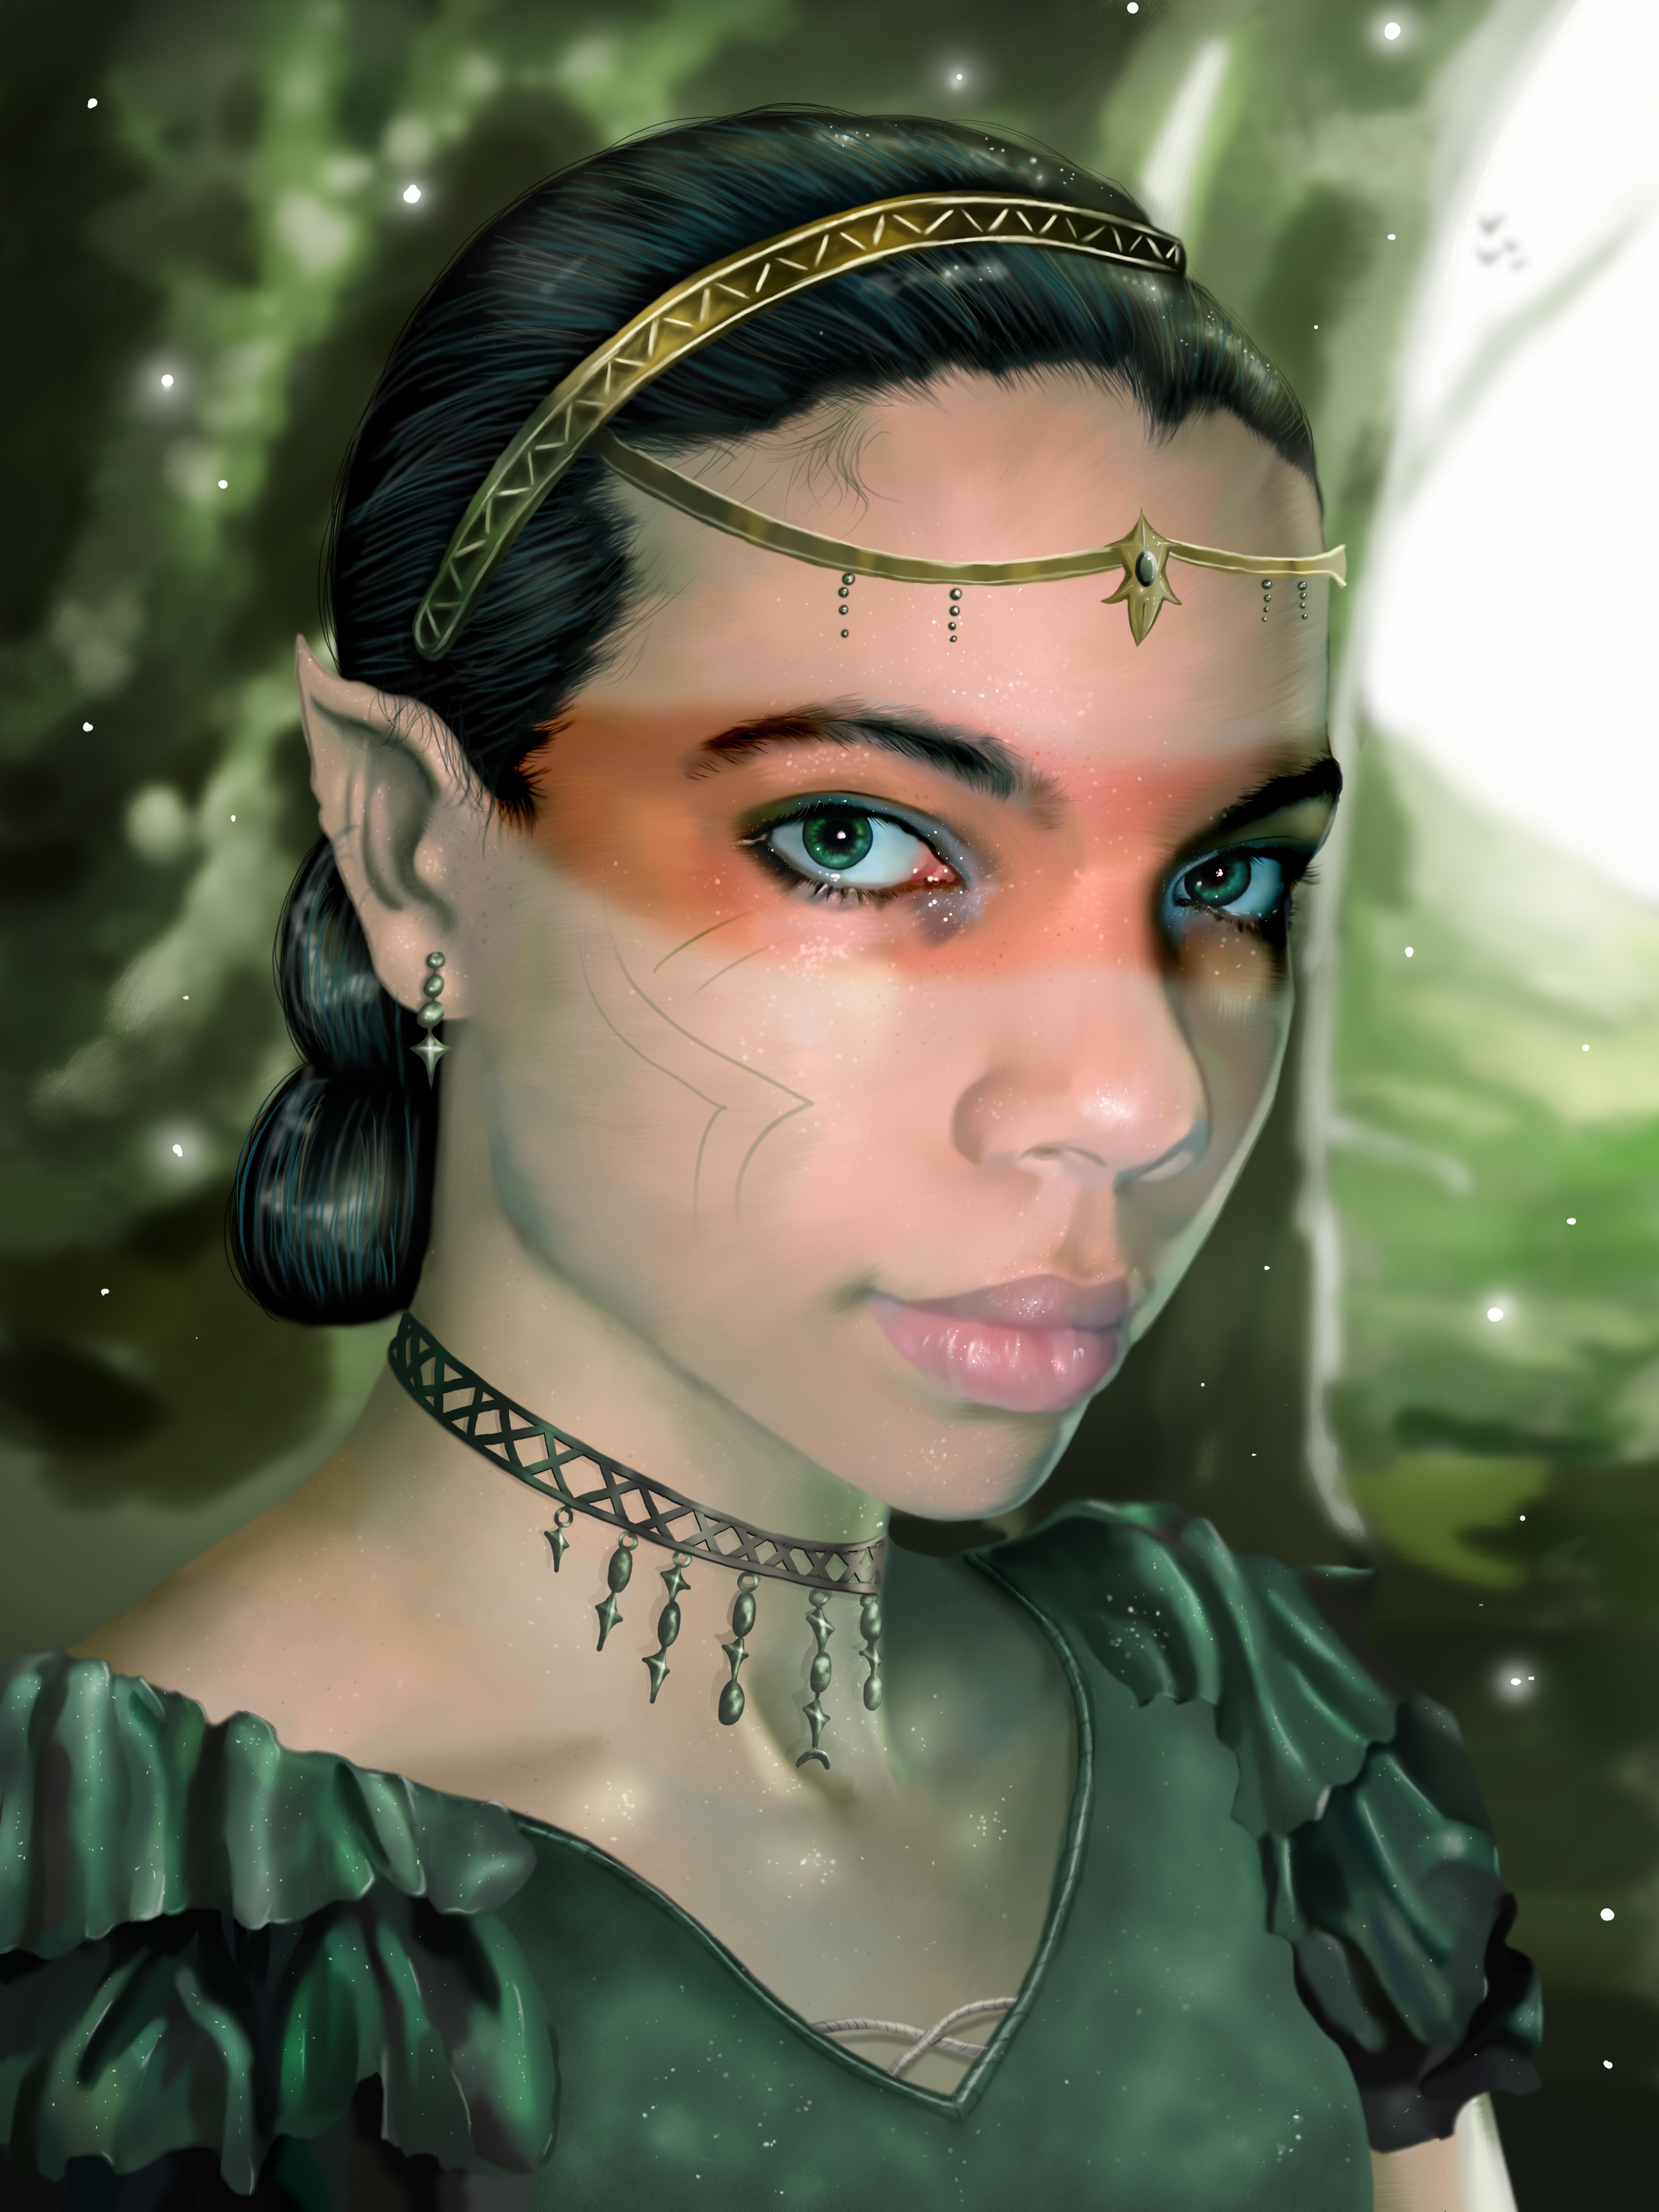 The Shadow Princess by JessHavok